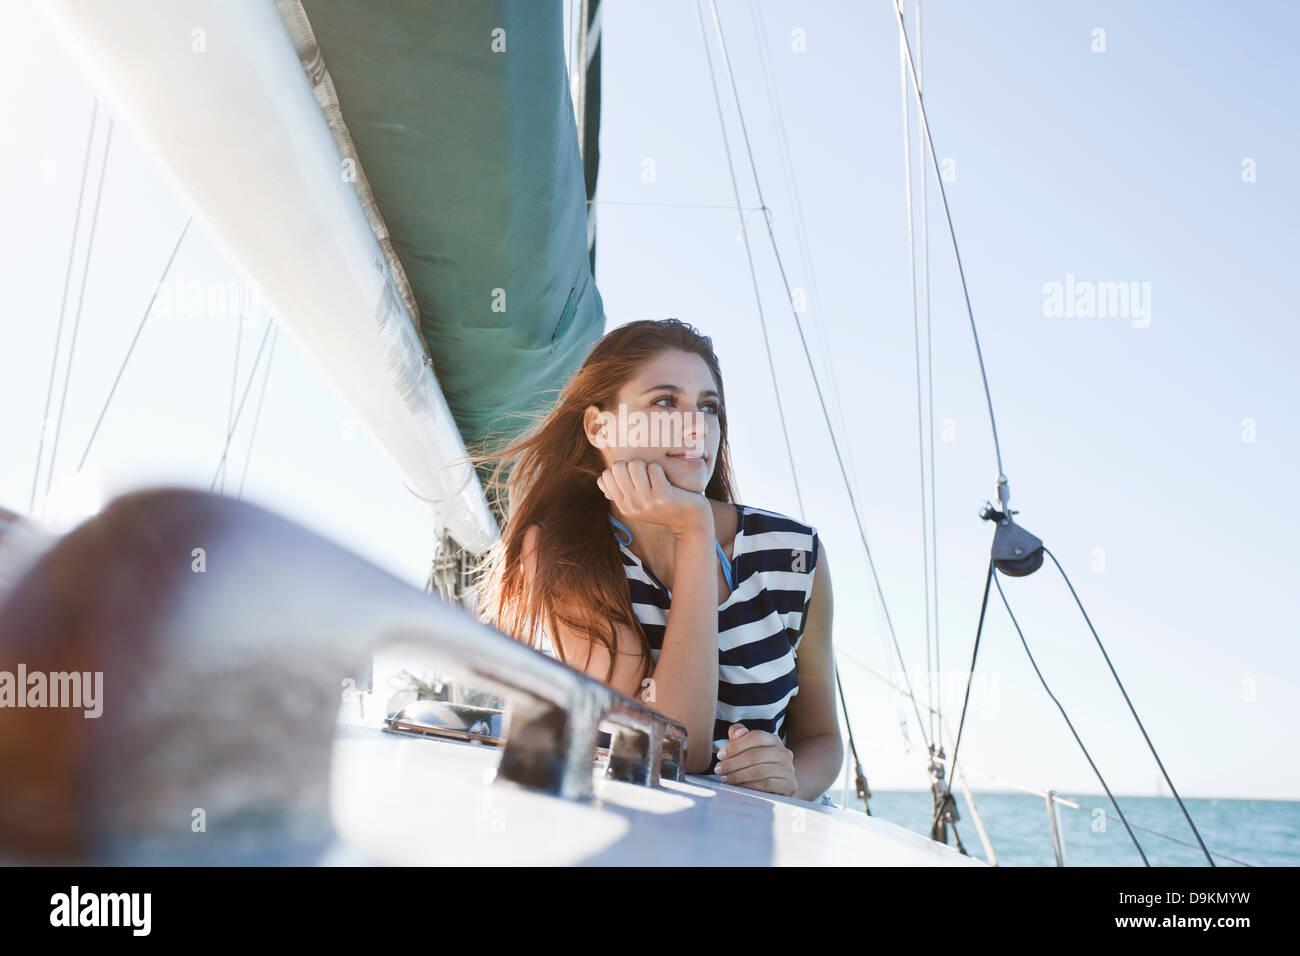 Mujer joven en velero vistiendo striped top Foto de stock